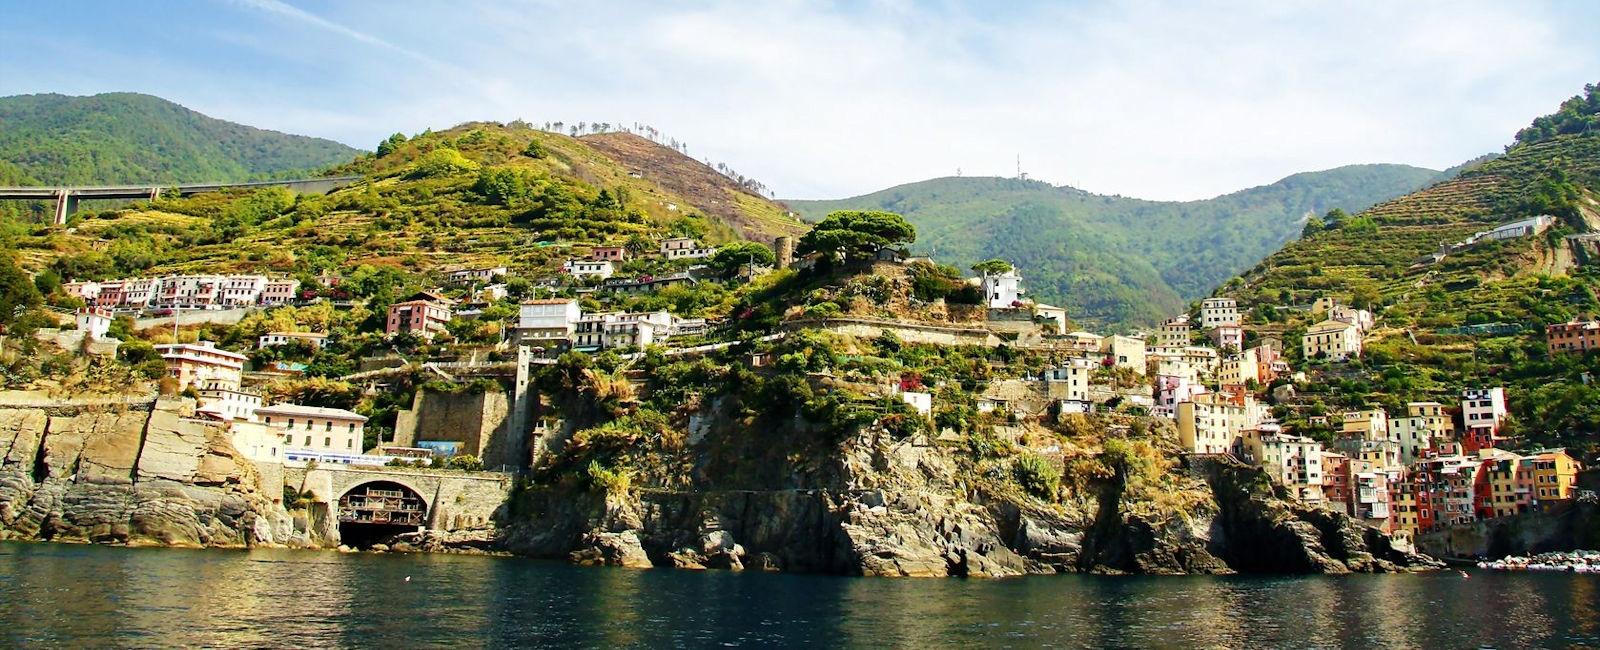 tuscany coast, italy